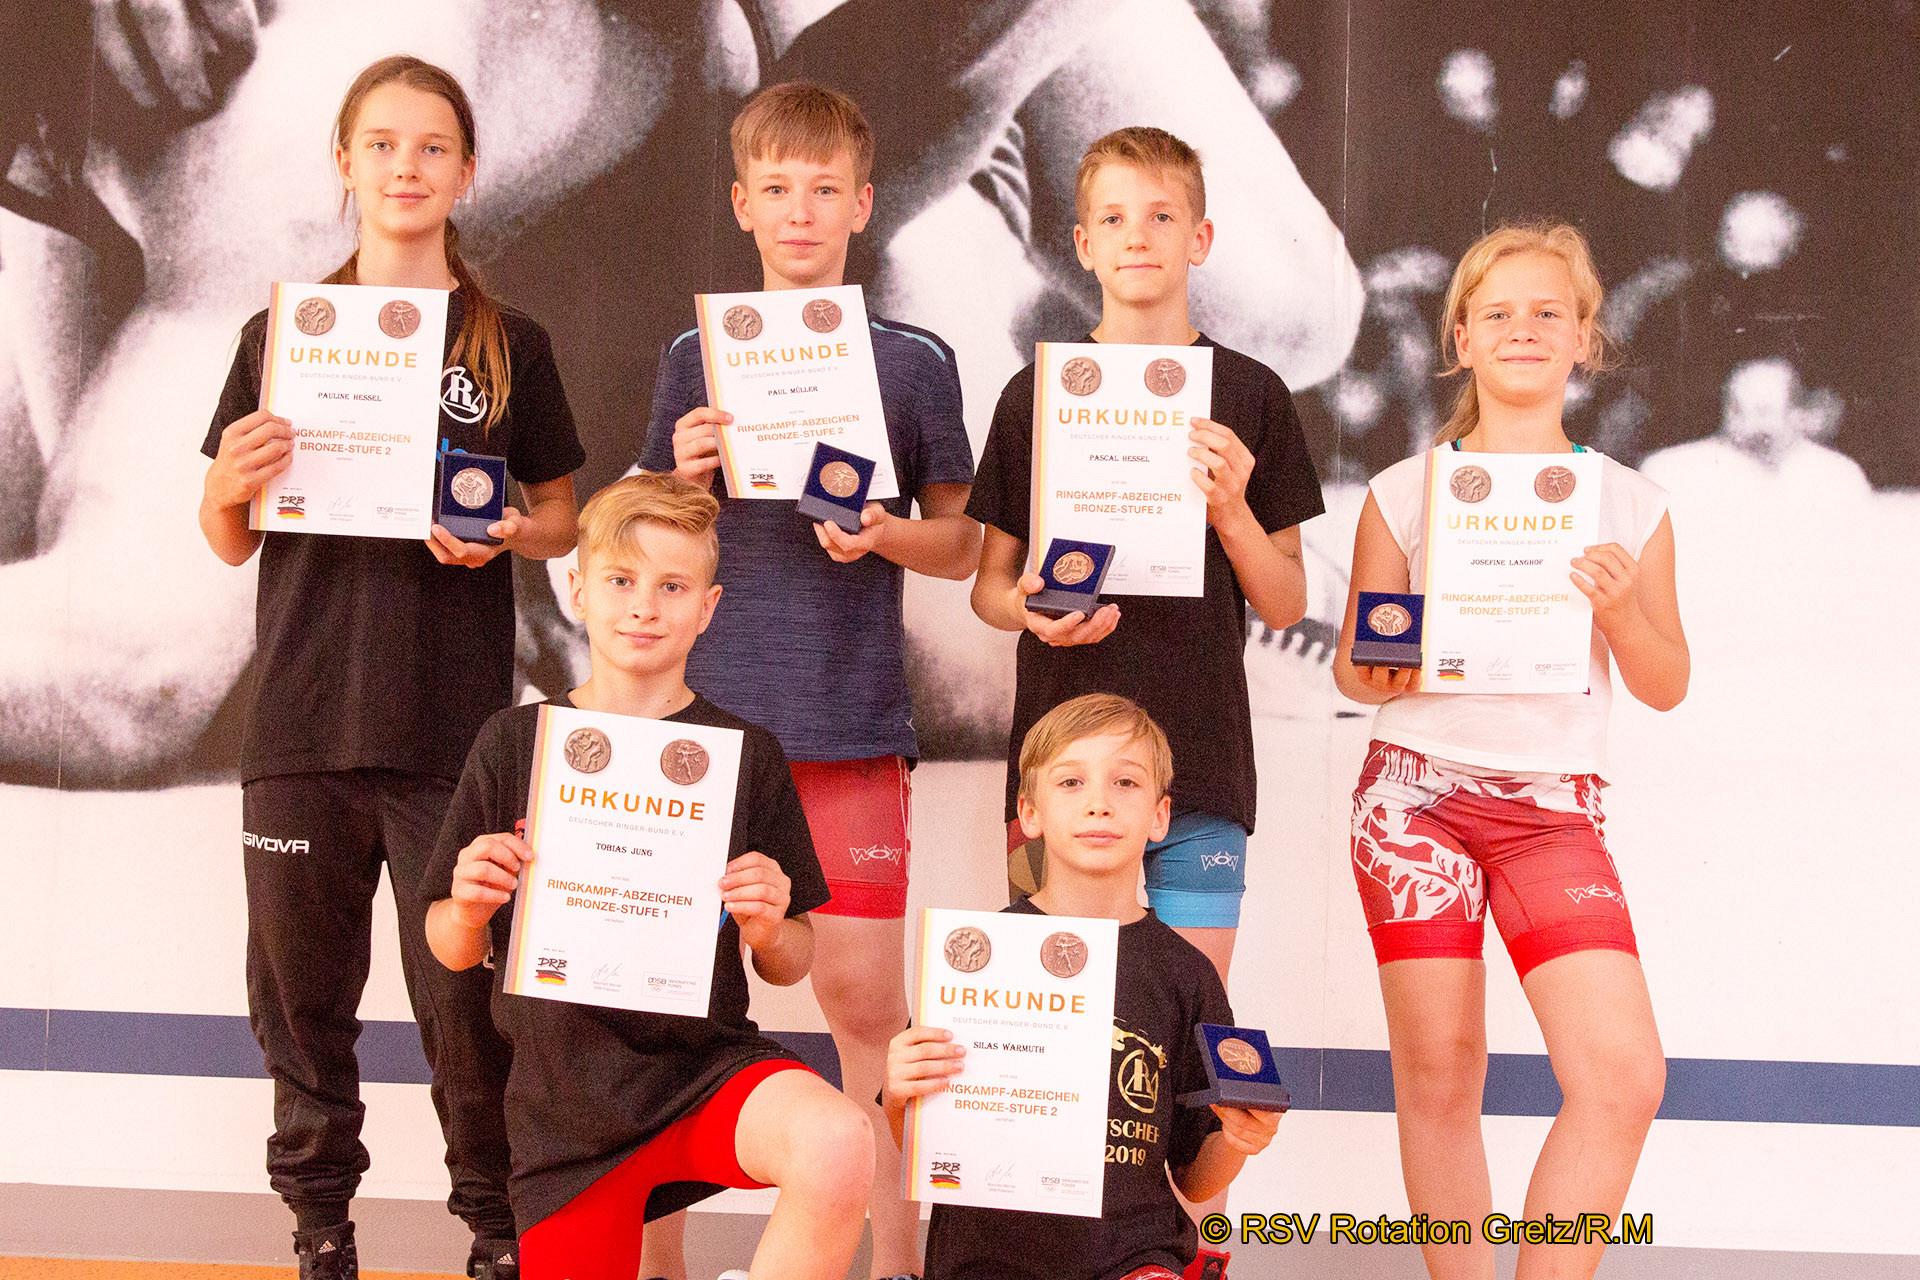 vorn von links: Tobias Jung, Stlas Warmuth, hinten: Pauline Hessel, Paul Müller, Pascal Hessel und Josefine Langhof